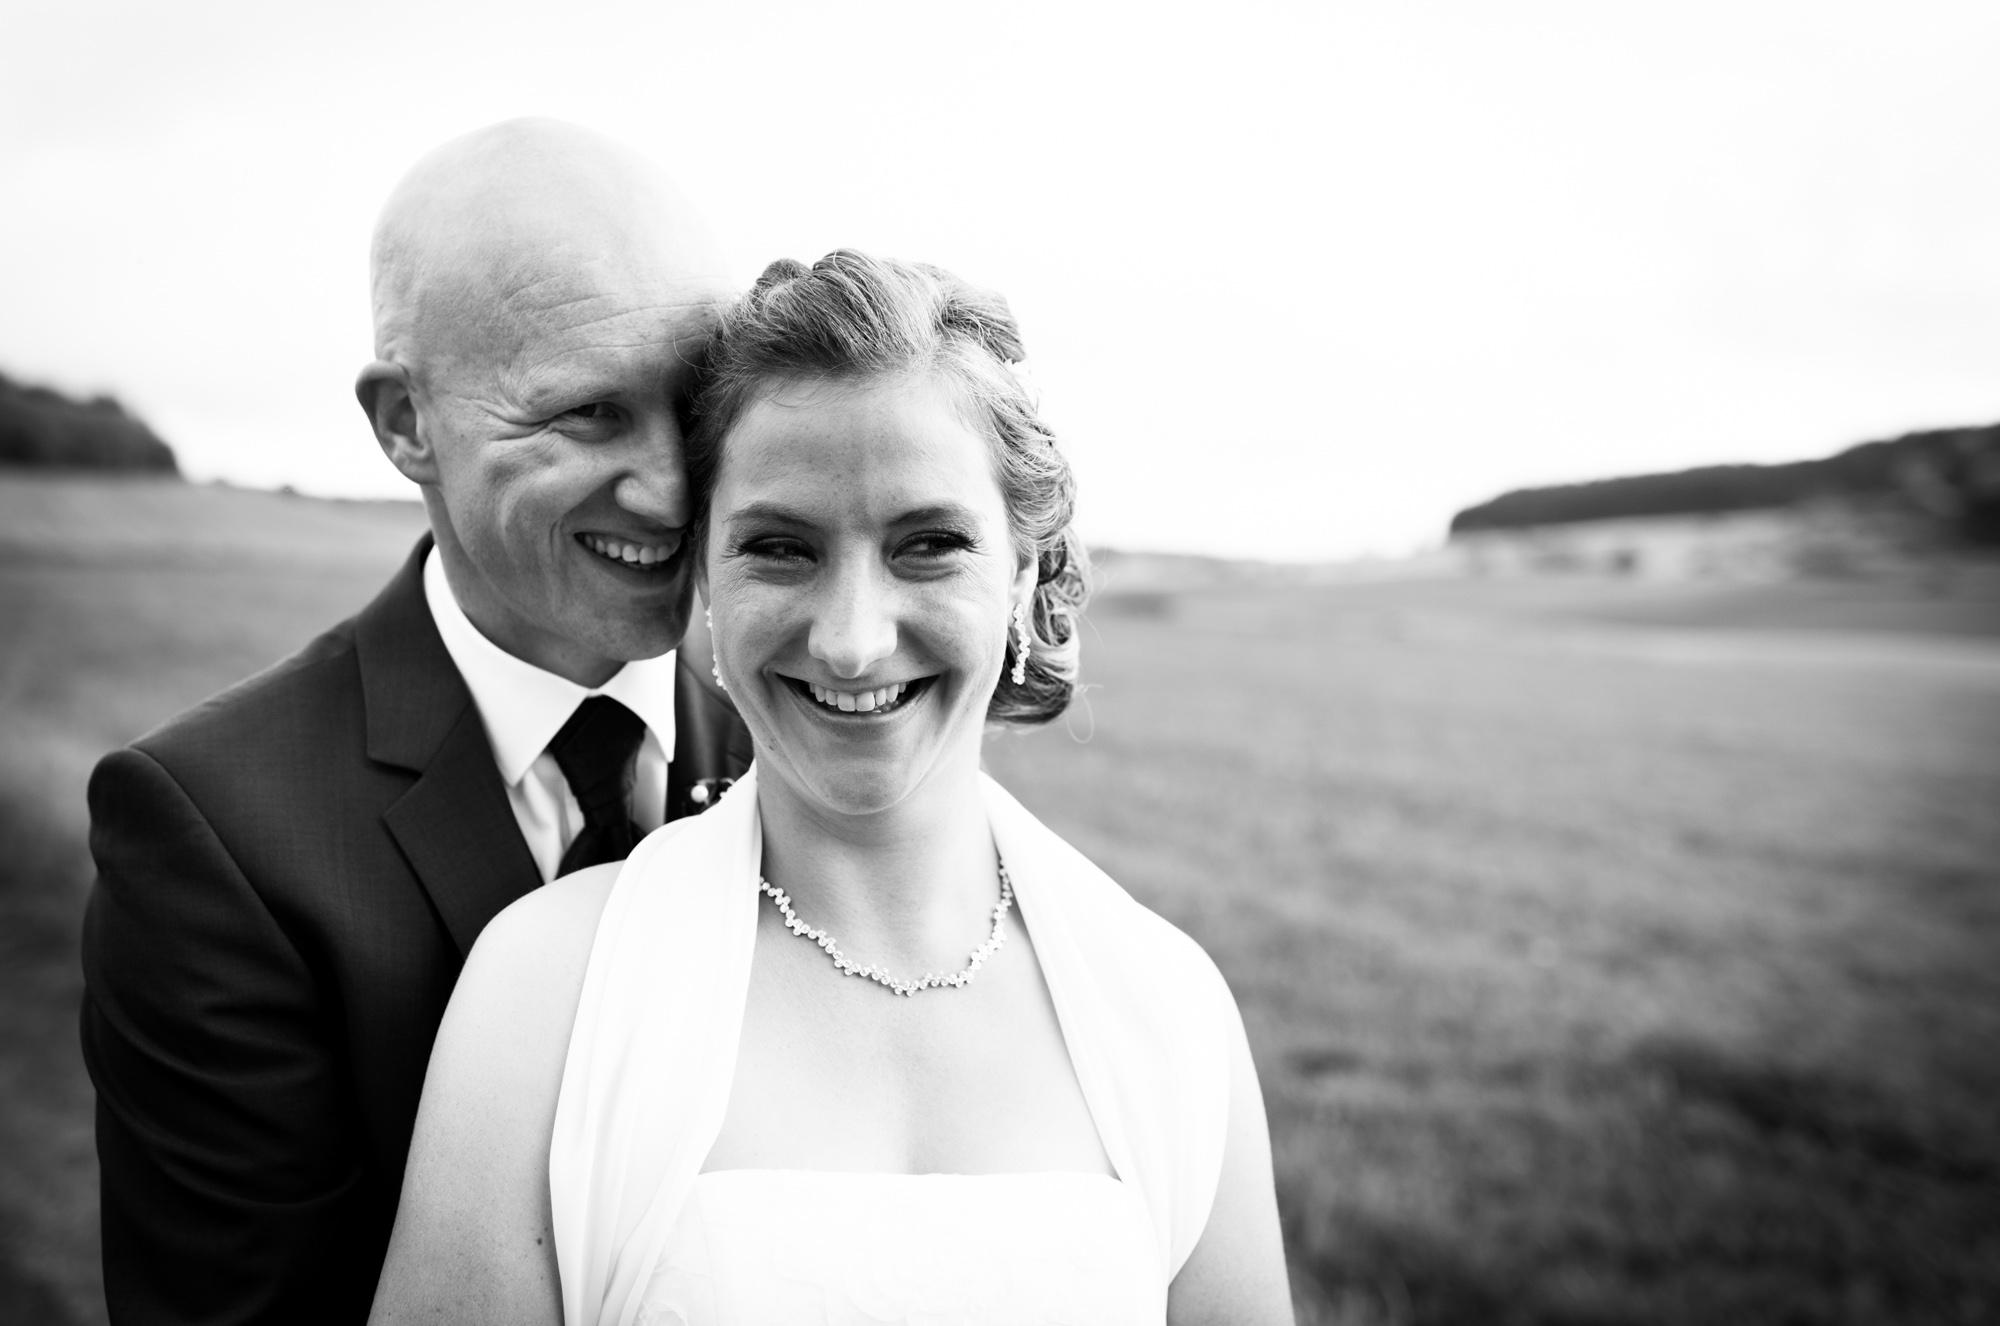 Fotograf Konstanz - Als Hochzeitsfotograf in Bad Dürrheim unterwegs  - 25 -